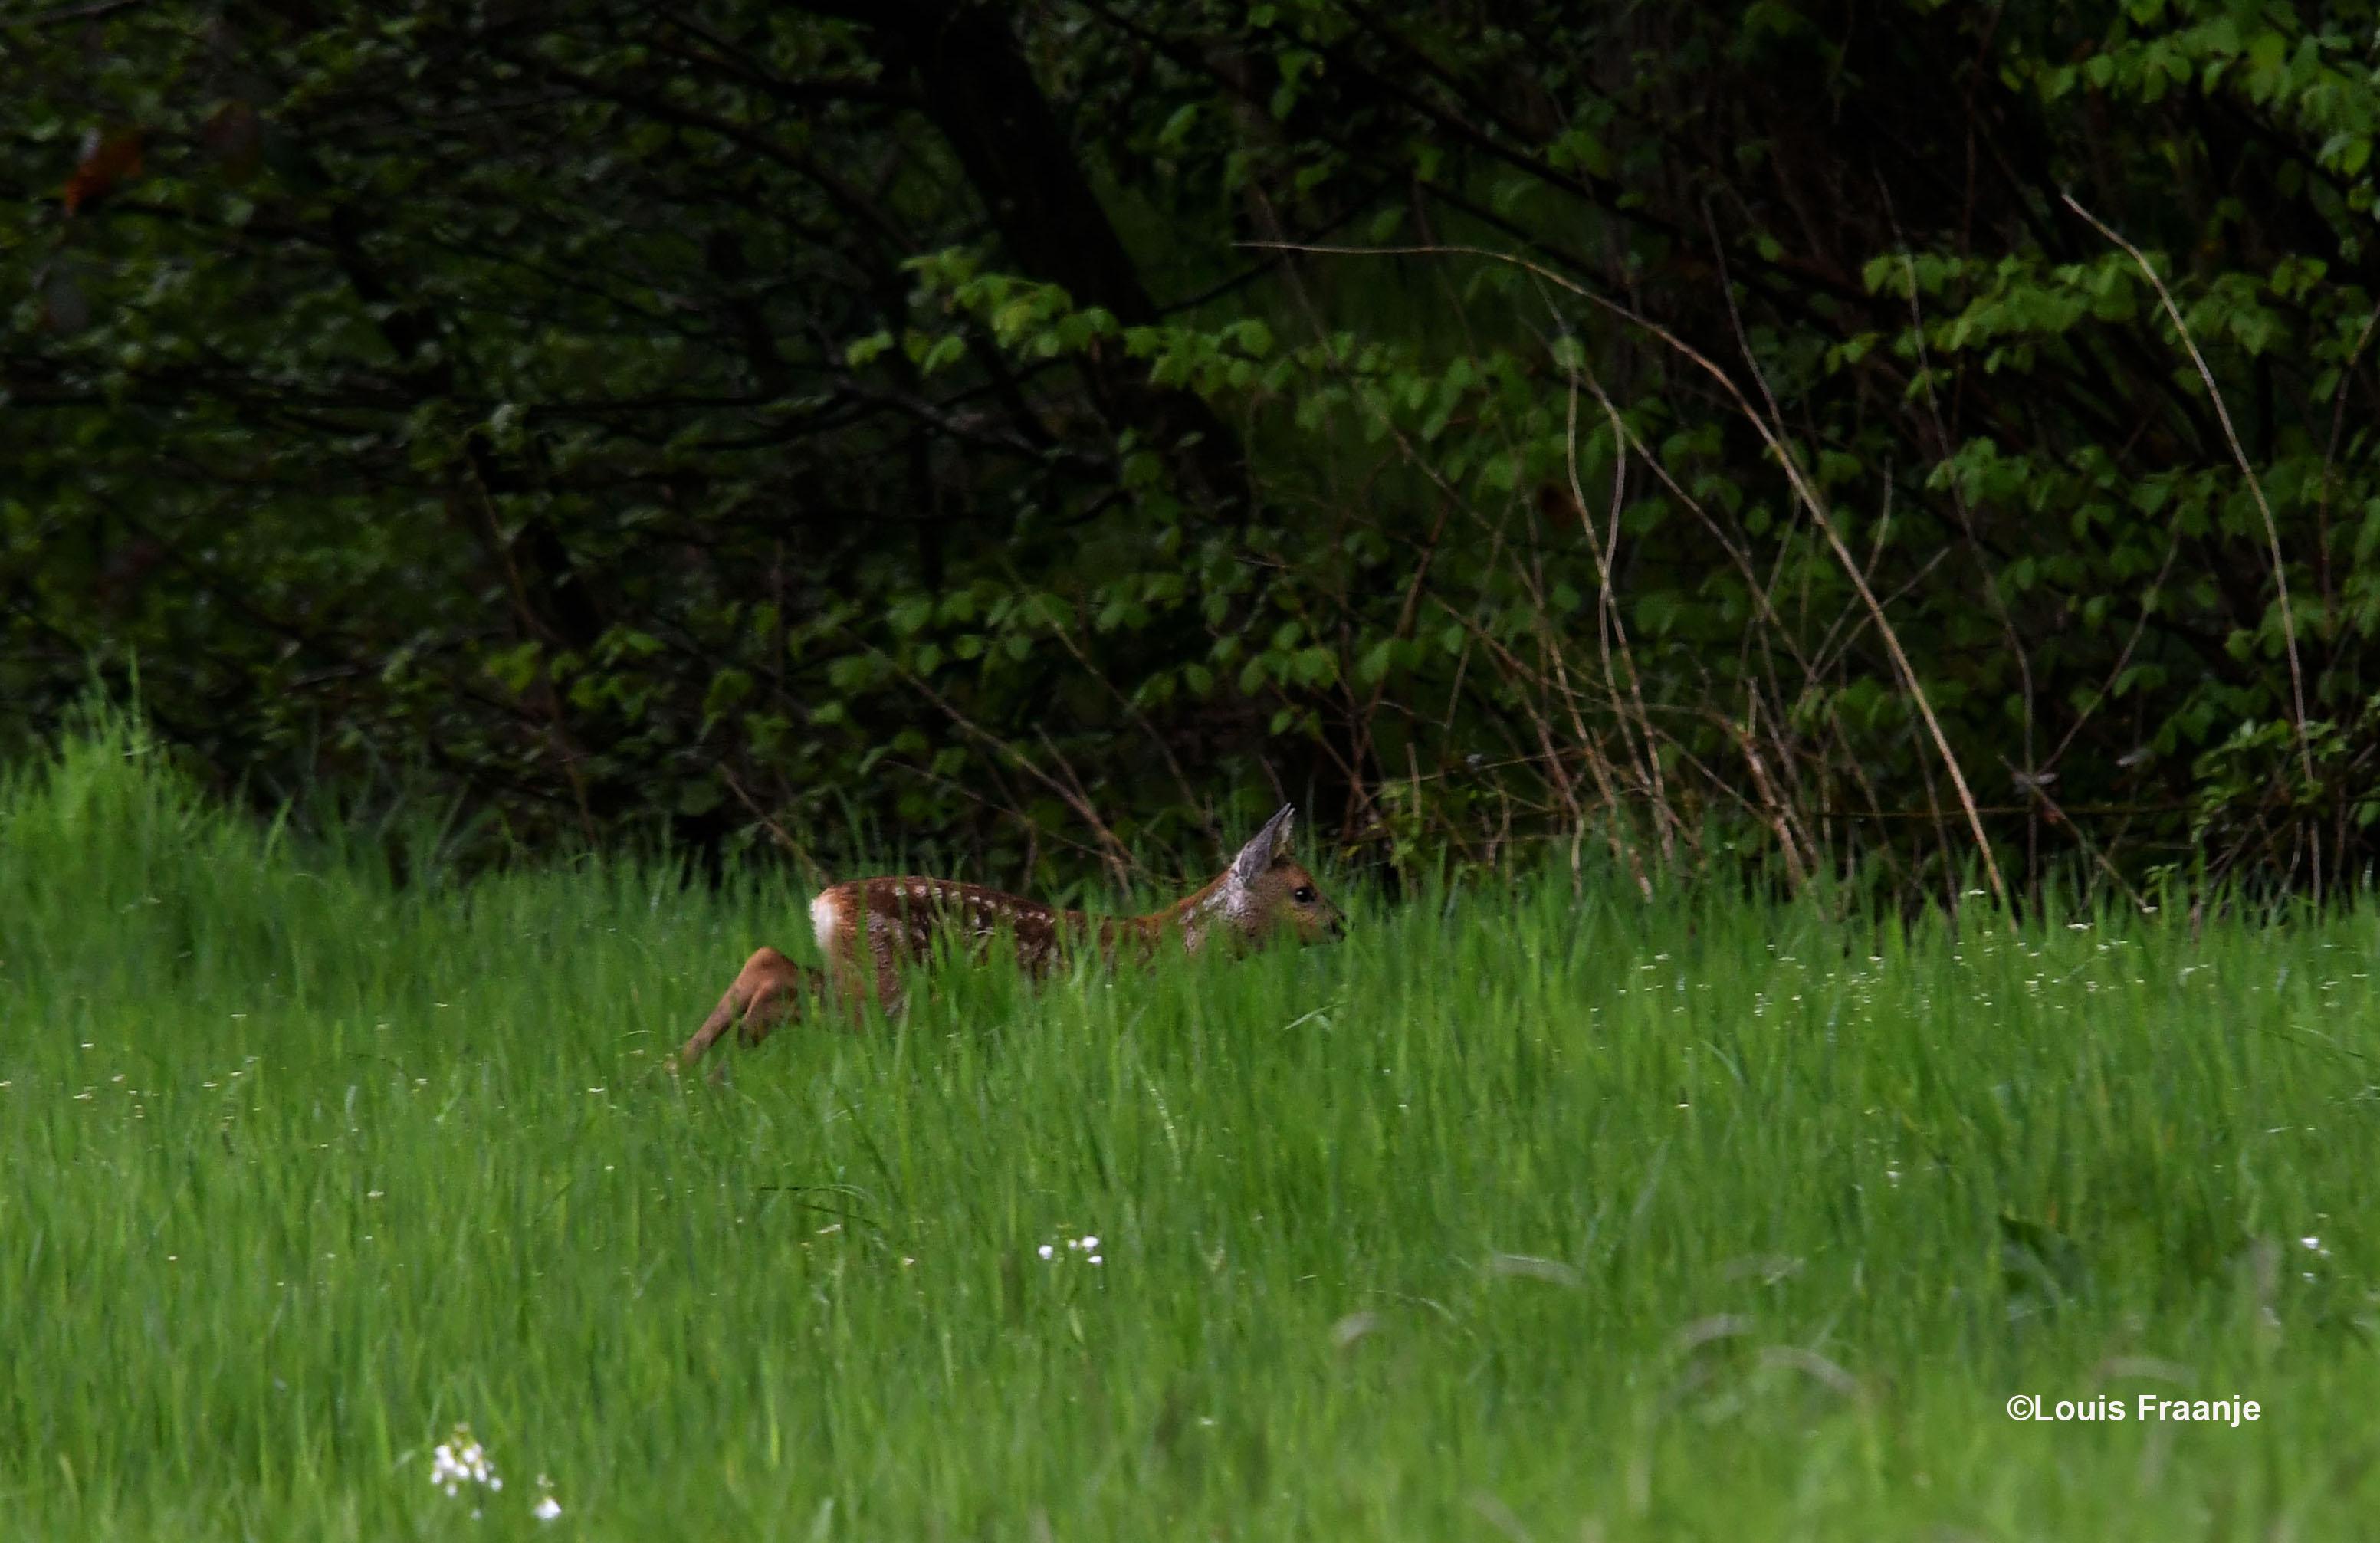 Daar in het bos is veilige dekking en daar wacht moeder reegeit - Foto: ©Louis Fraanje